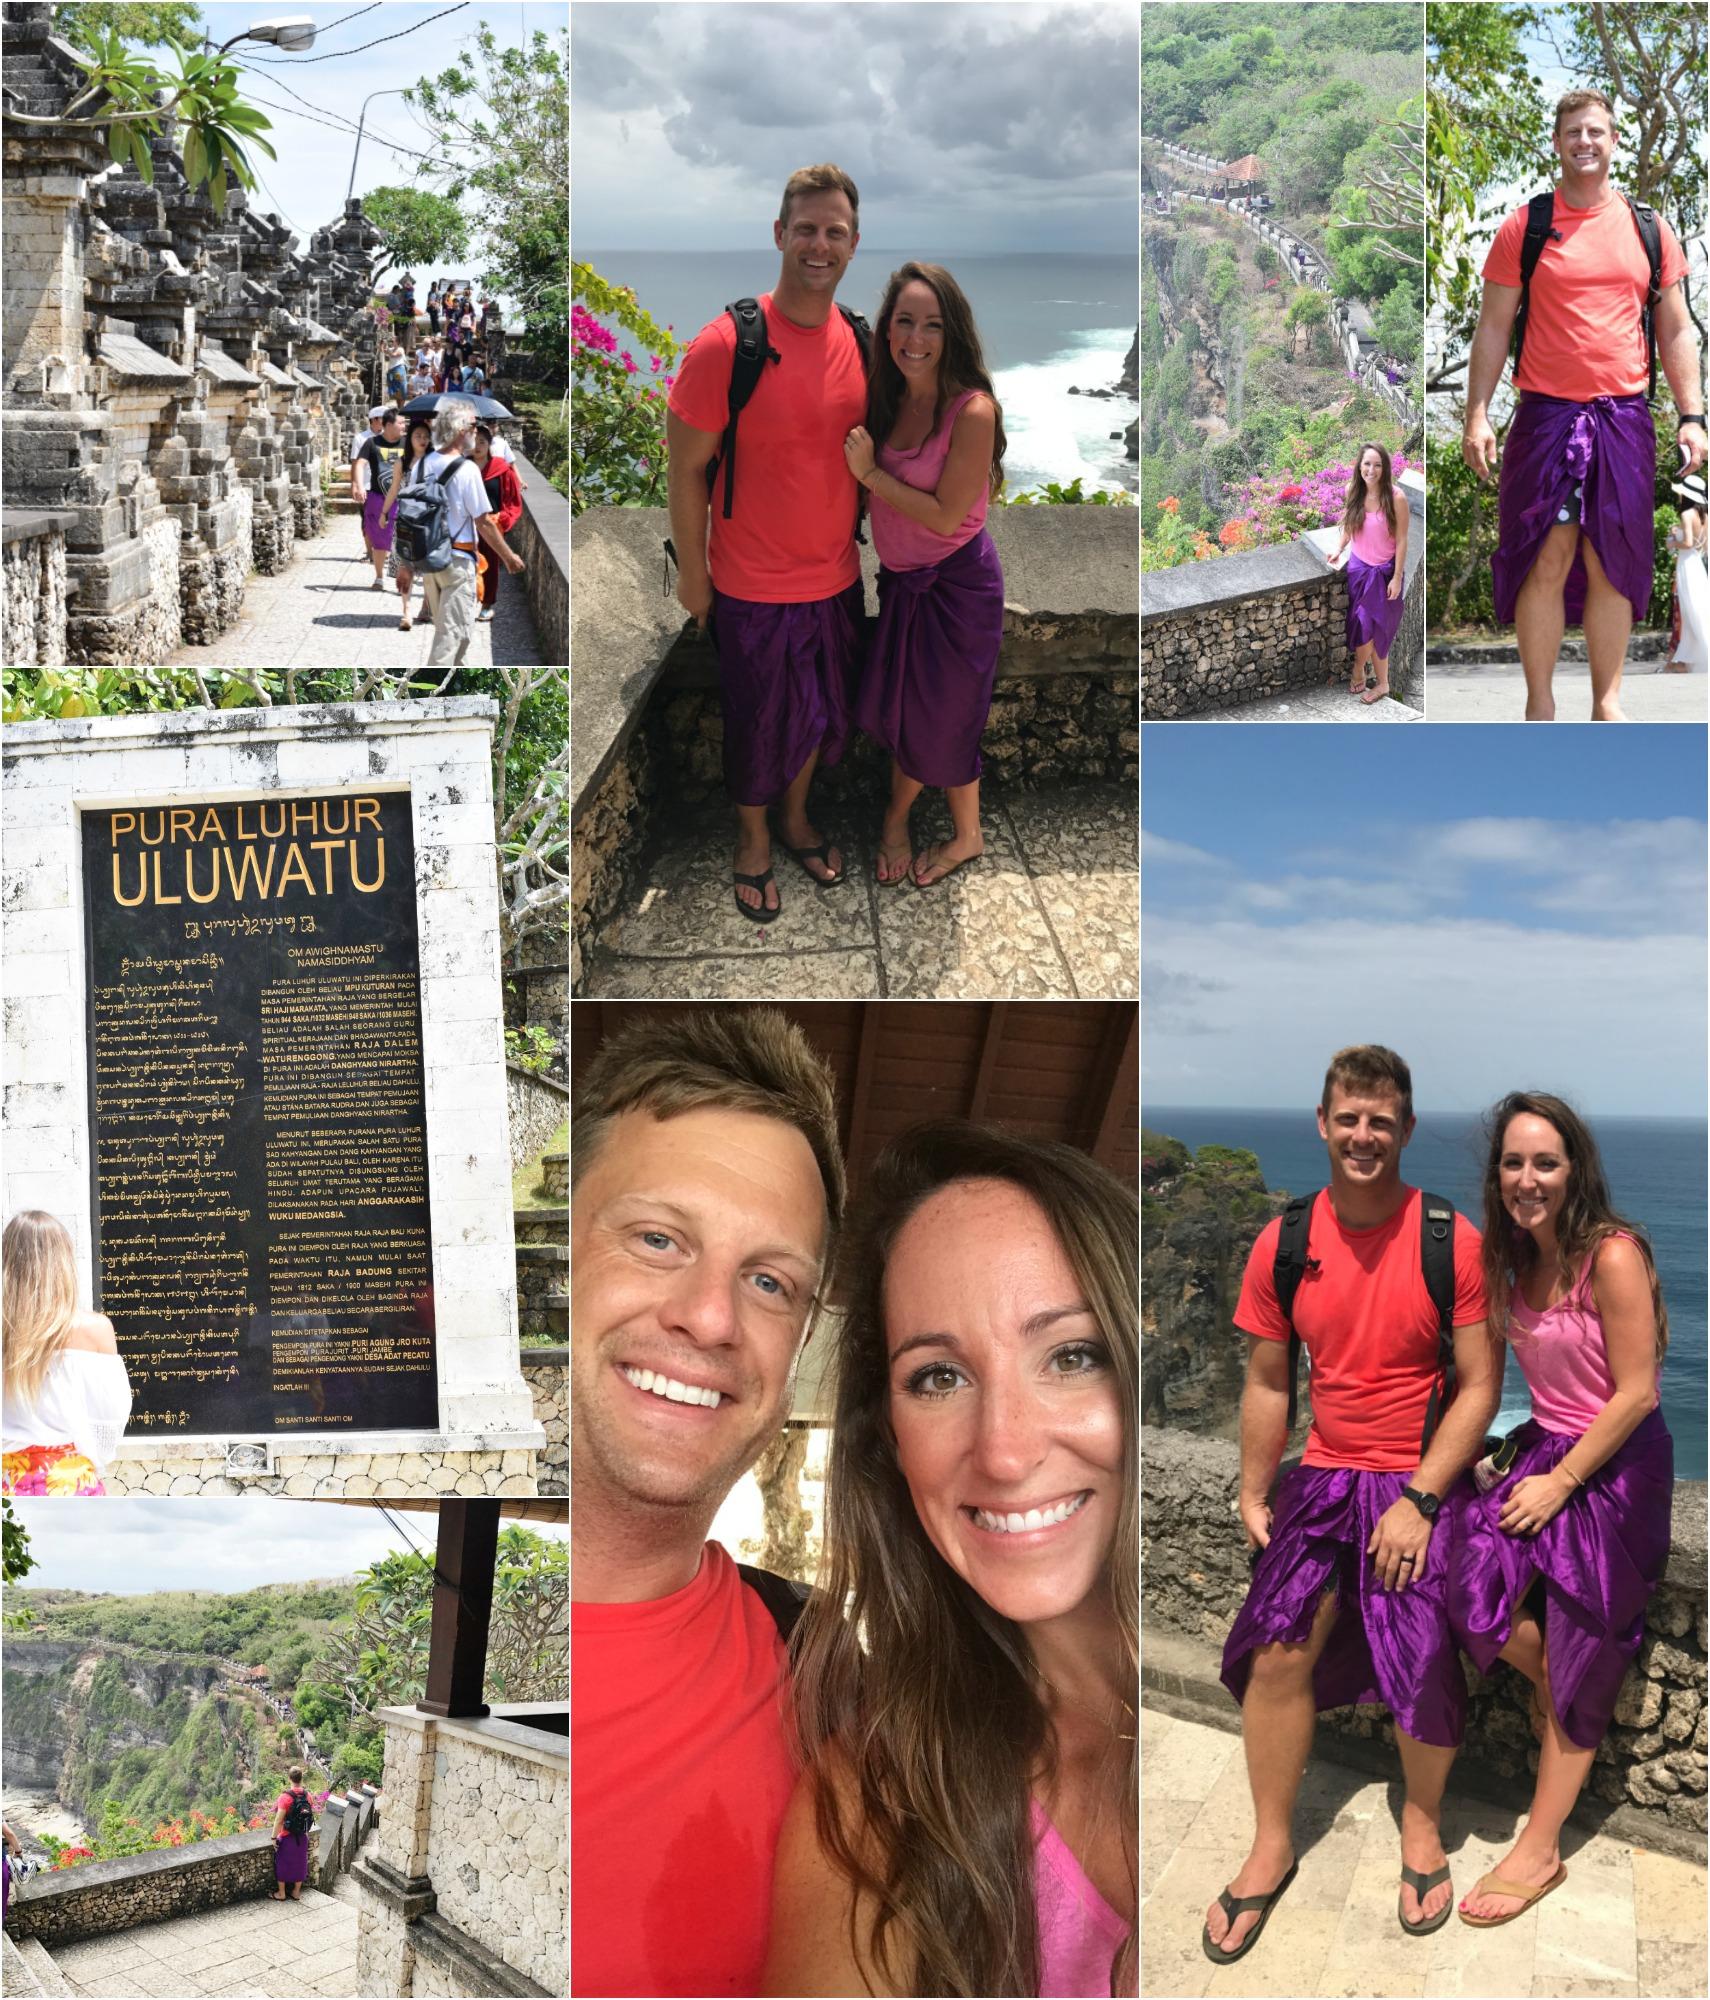 Uluwatu Temple - Bali, Indonesia - Our Bali Trip - Communikait